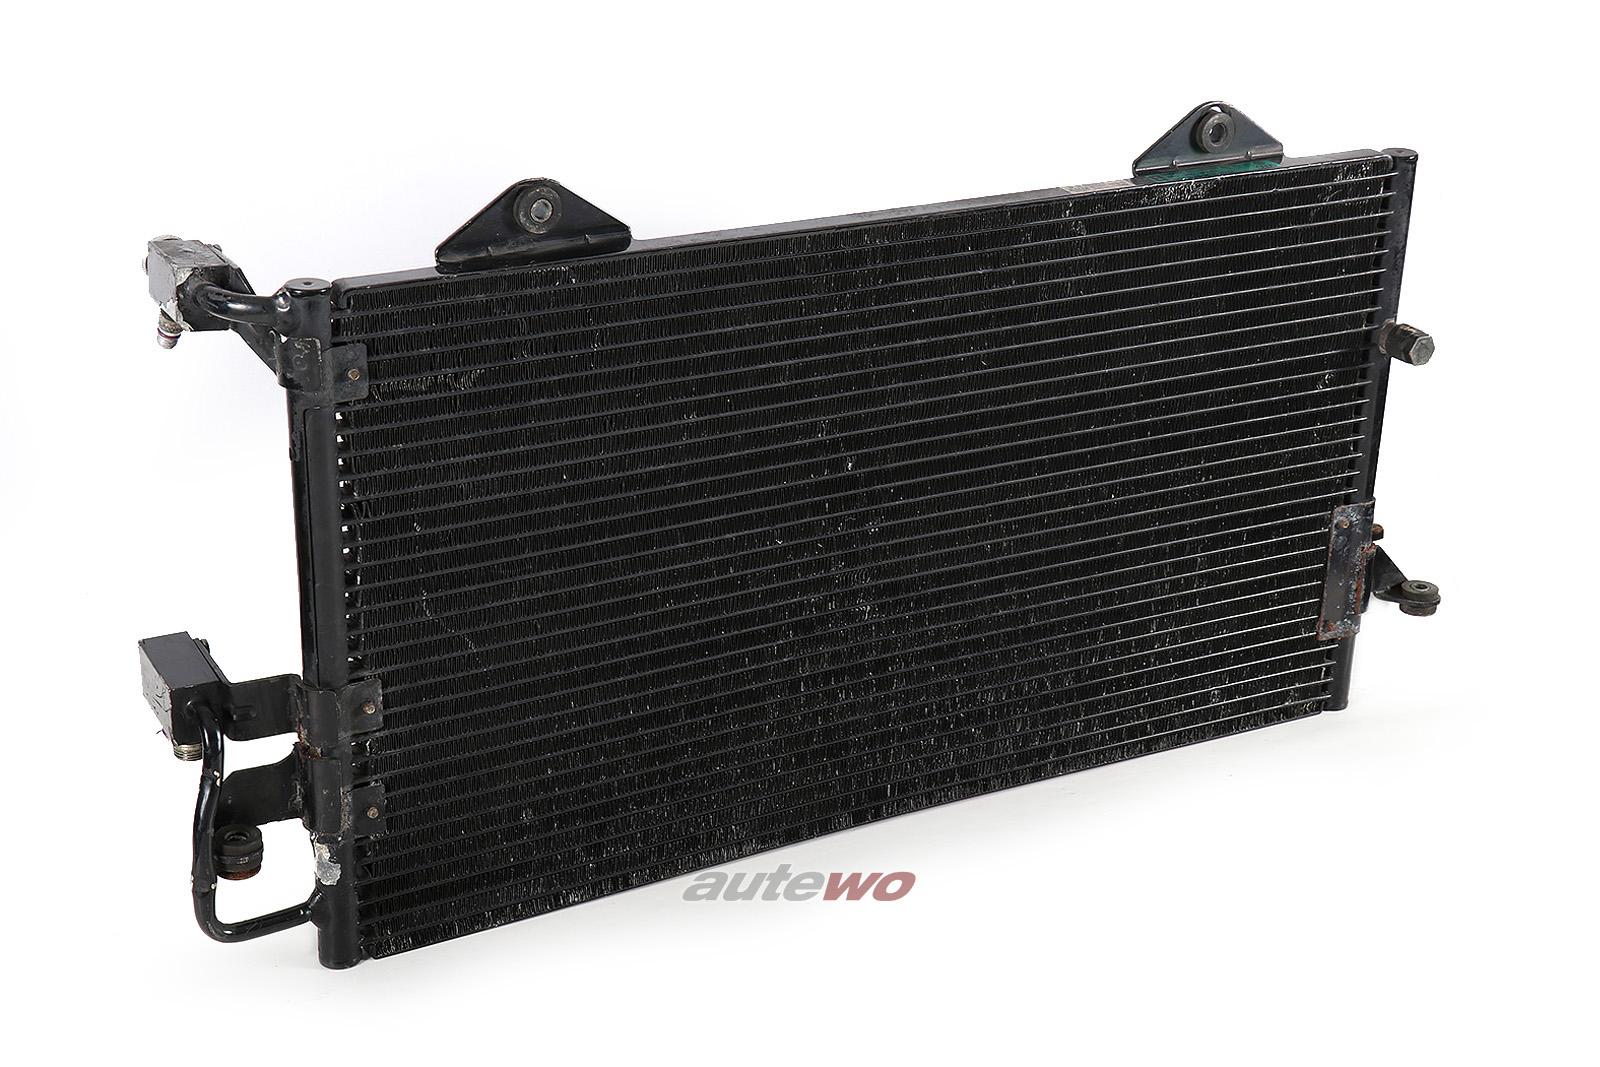 8A0260401AA 8A0260403AA Audi 80 B4/Coupe/Cabrio Klimakondensator R134A